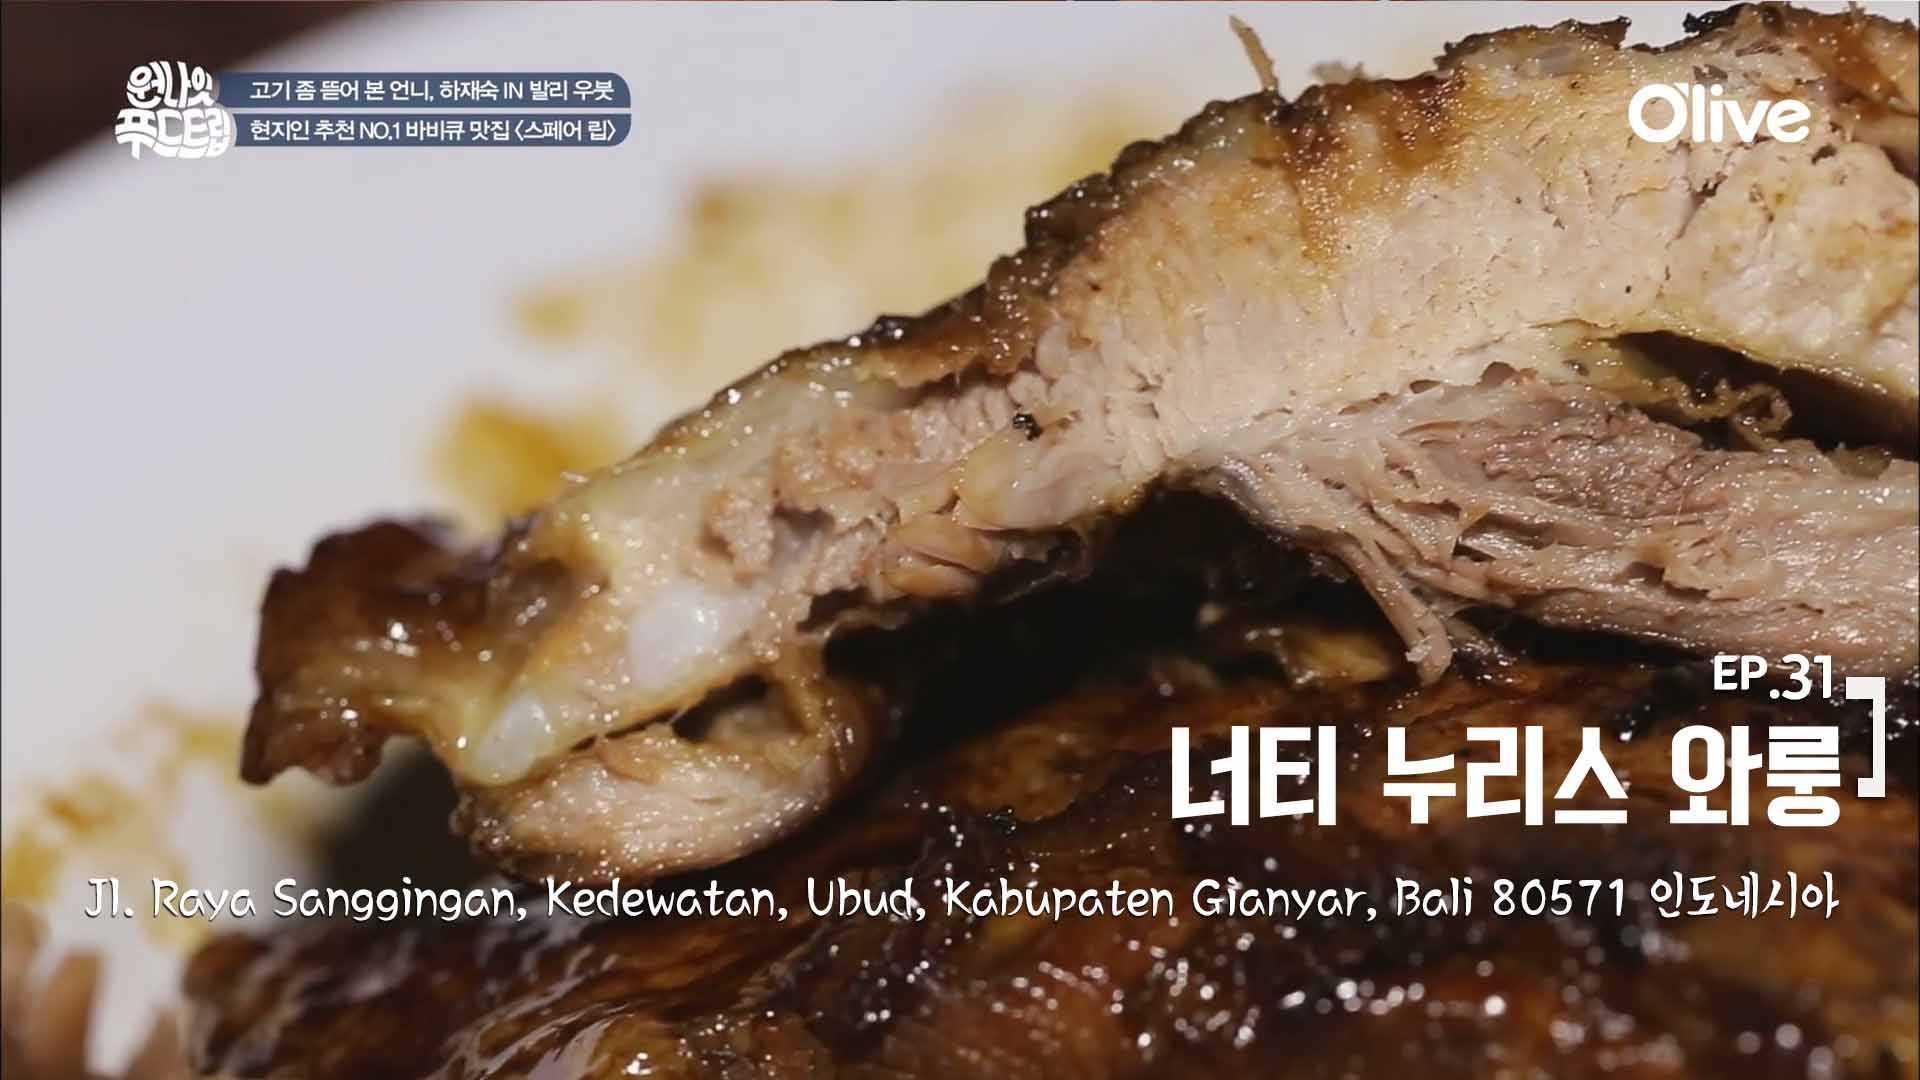 우붓 현지인 추천 바비큐 맛집 < 너티 누리스 와룽 >